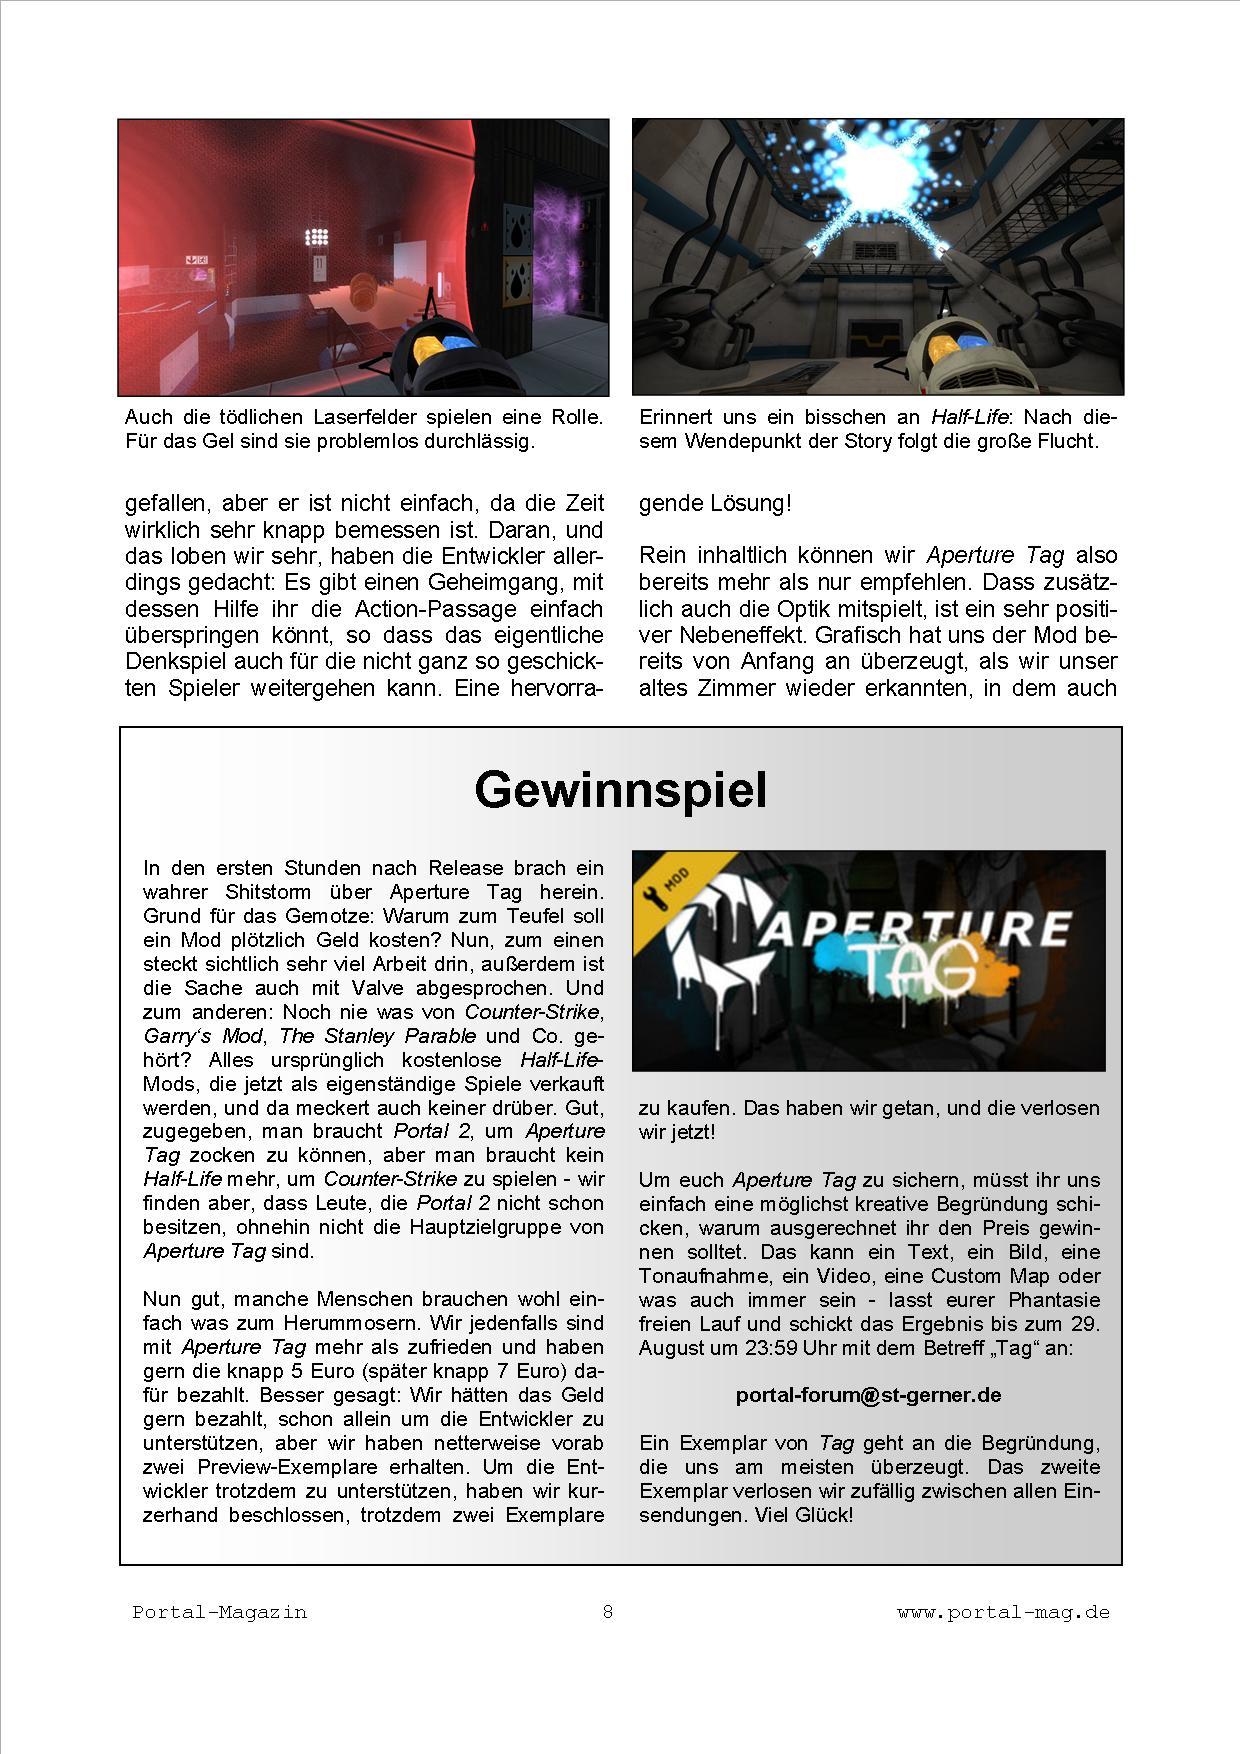 Ausgabe 26, Seite 8